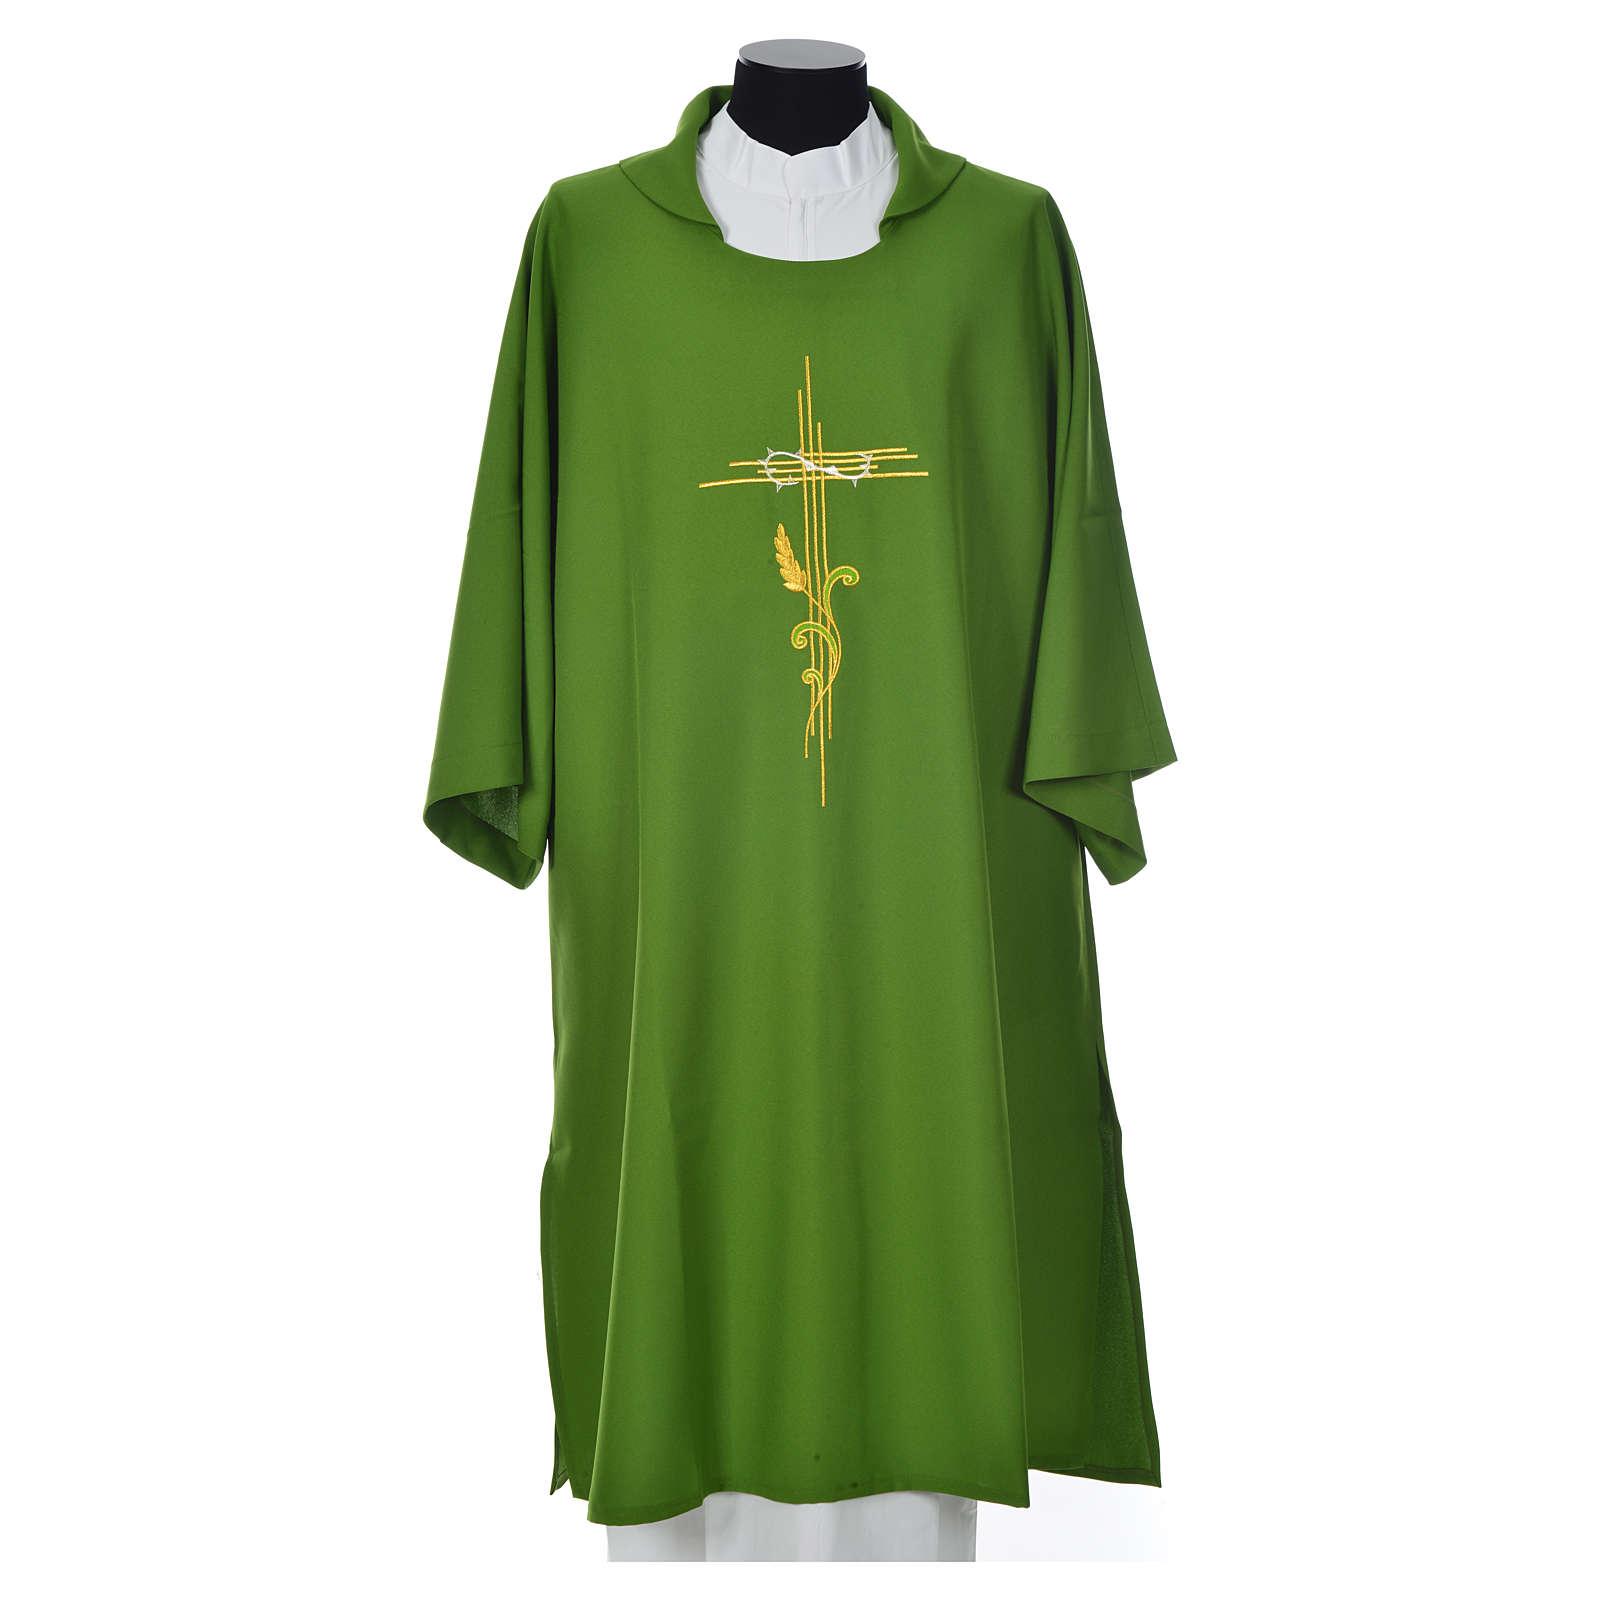 Dalmatyka stylizowany krzyż kłos 100% poliester 4